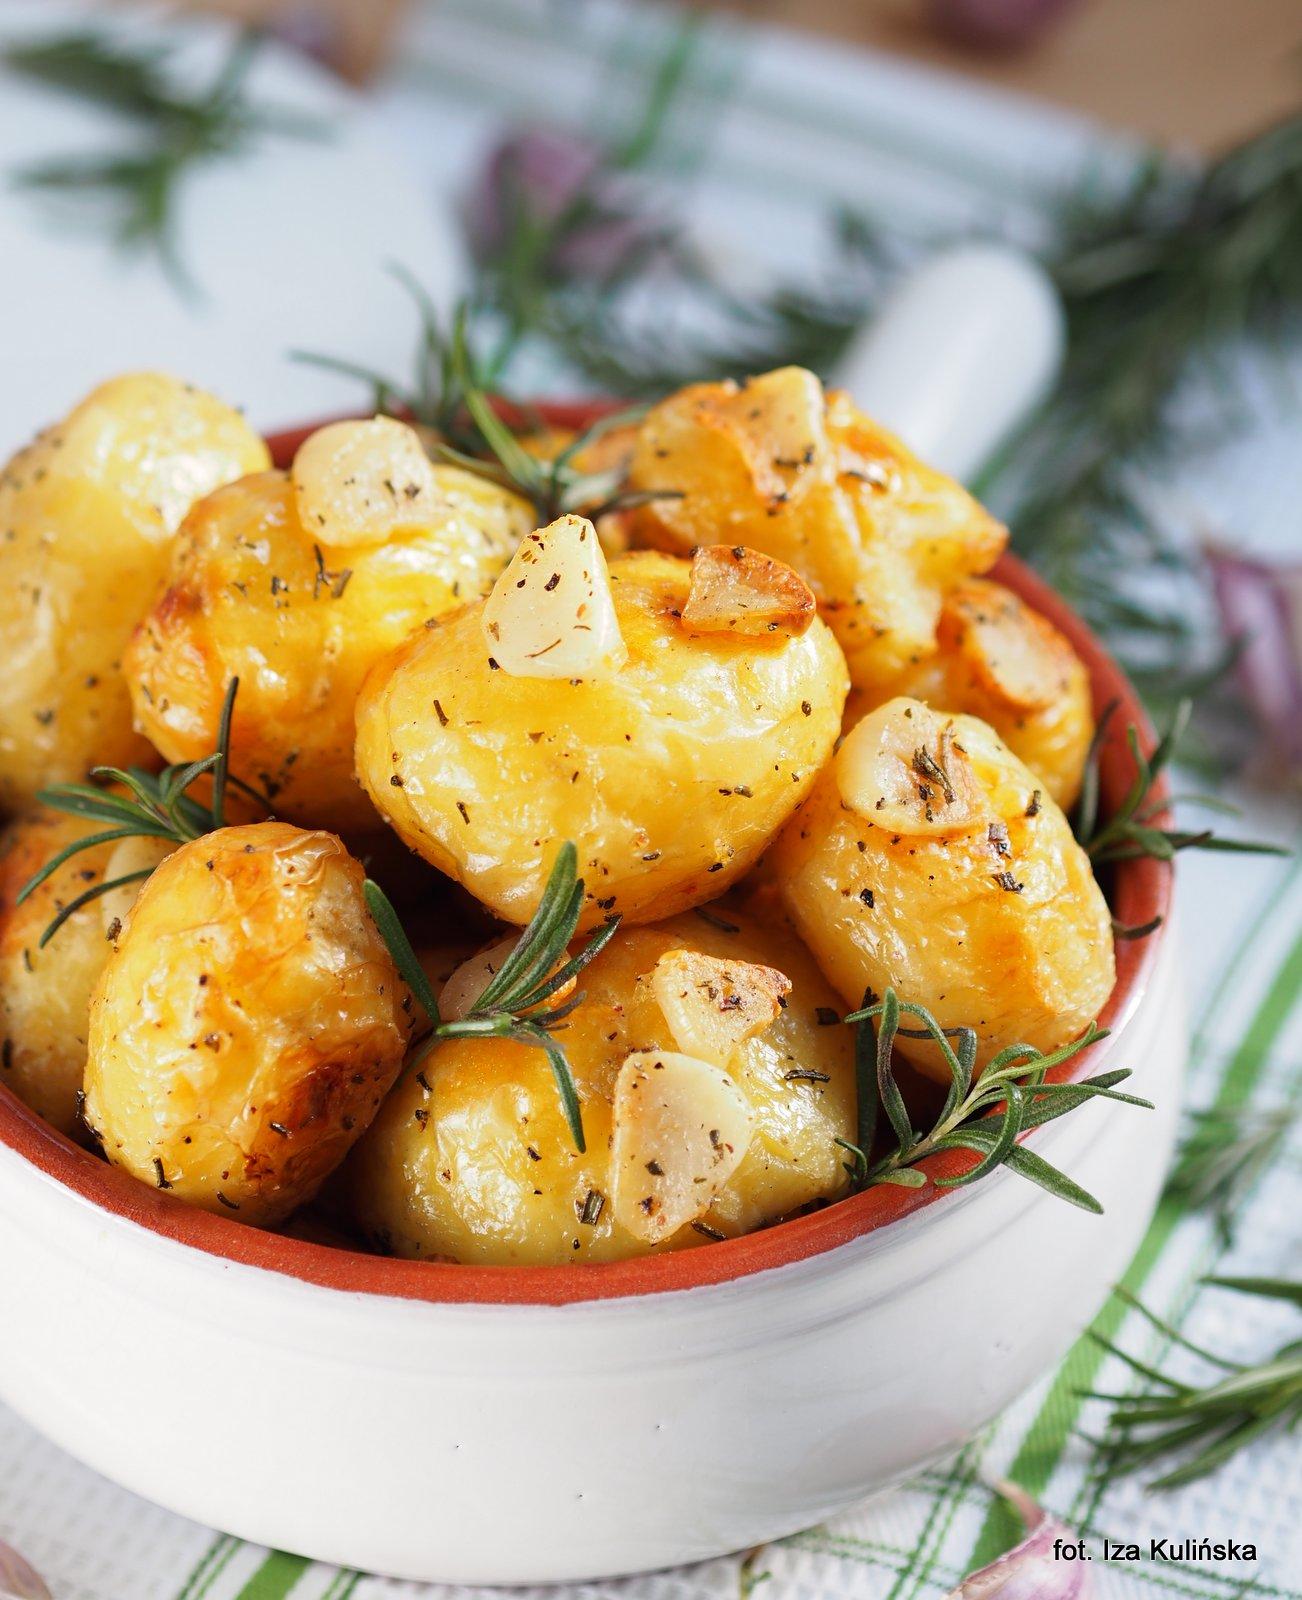 Z piekarnika. Złote kartofelki. Ziemniaki pieczone z czosnkiem i rozmarynem